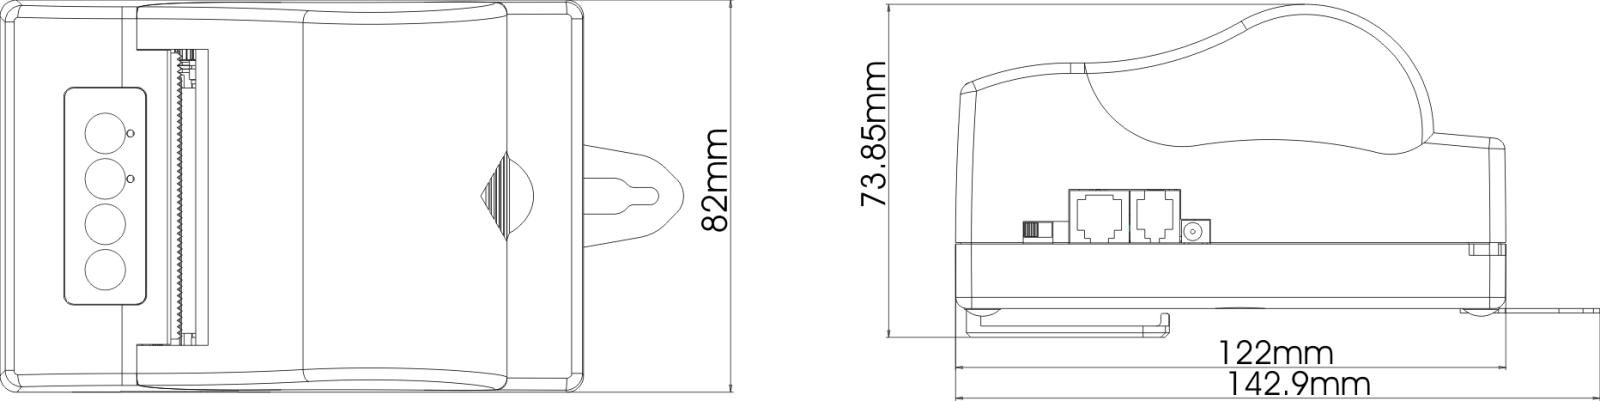 11.9 防水工程分部工程质量验收记录表